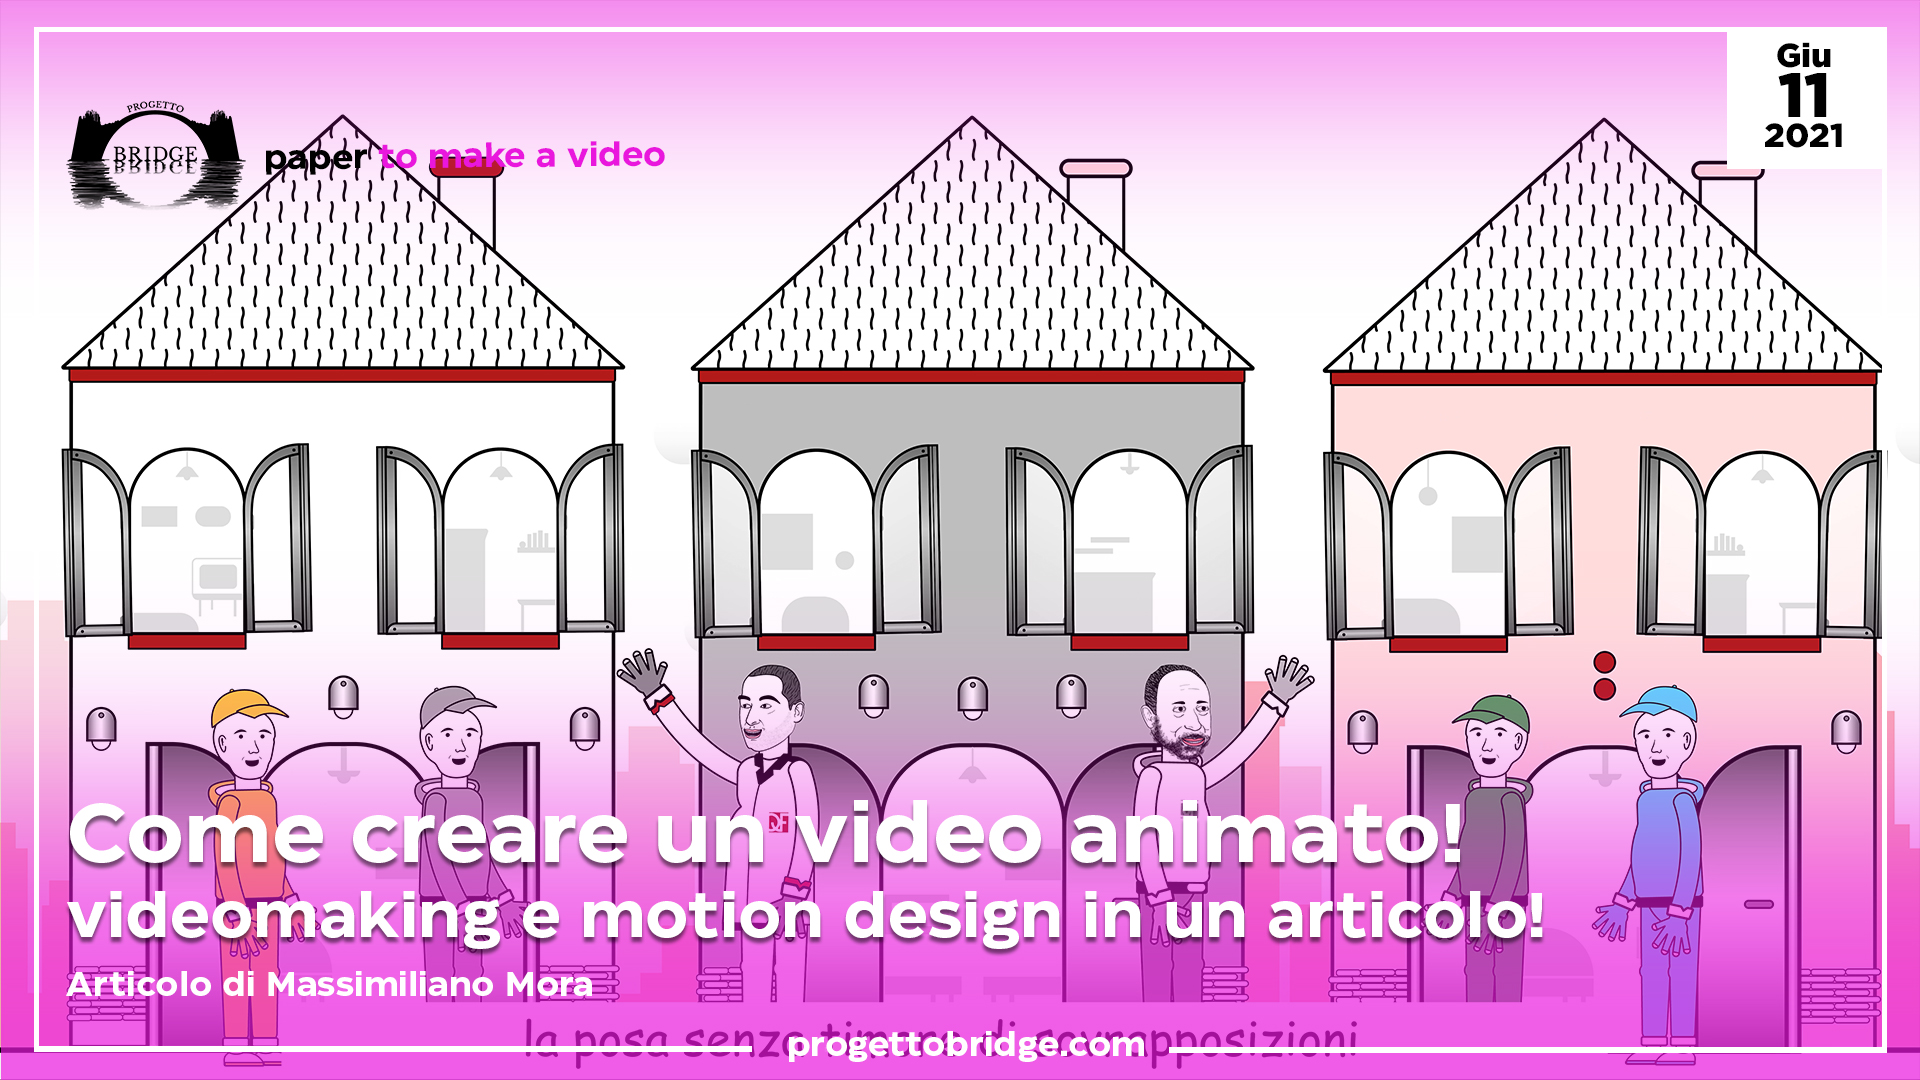 Come creare un video animato!